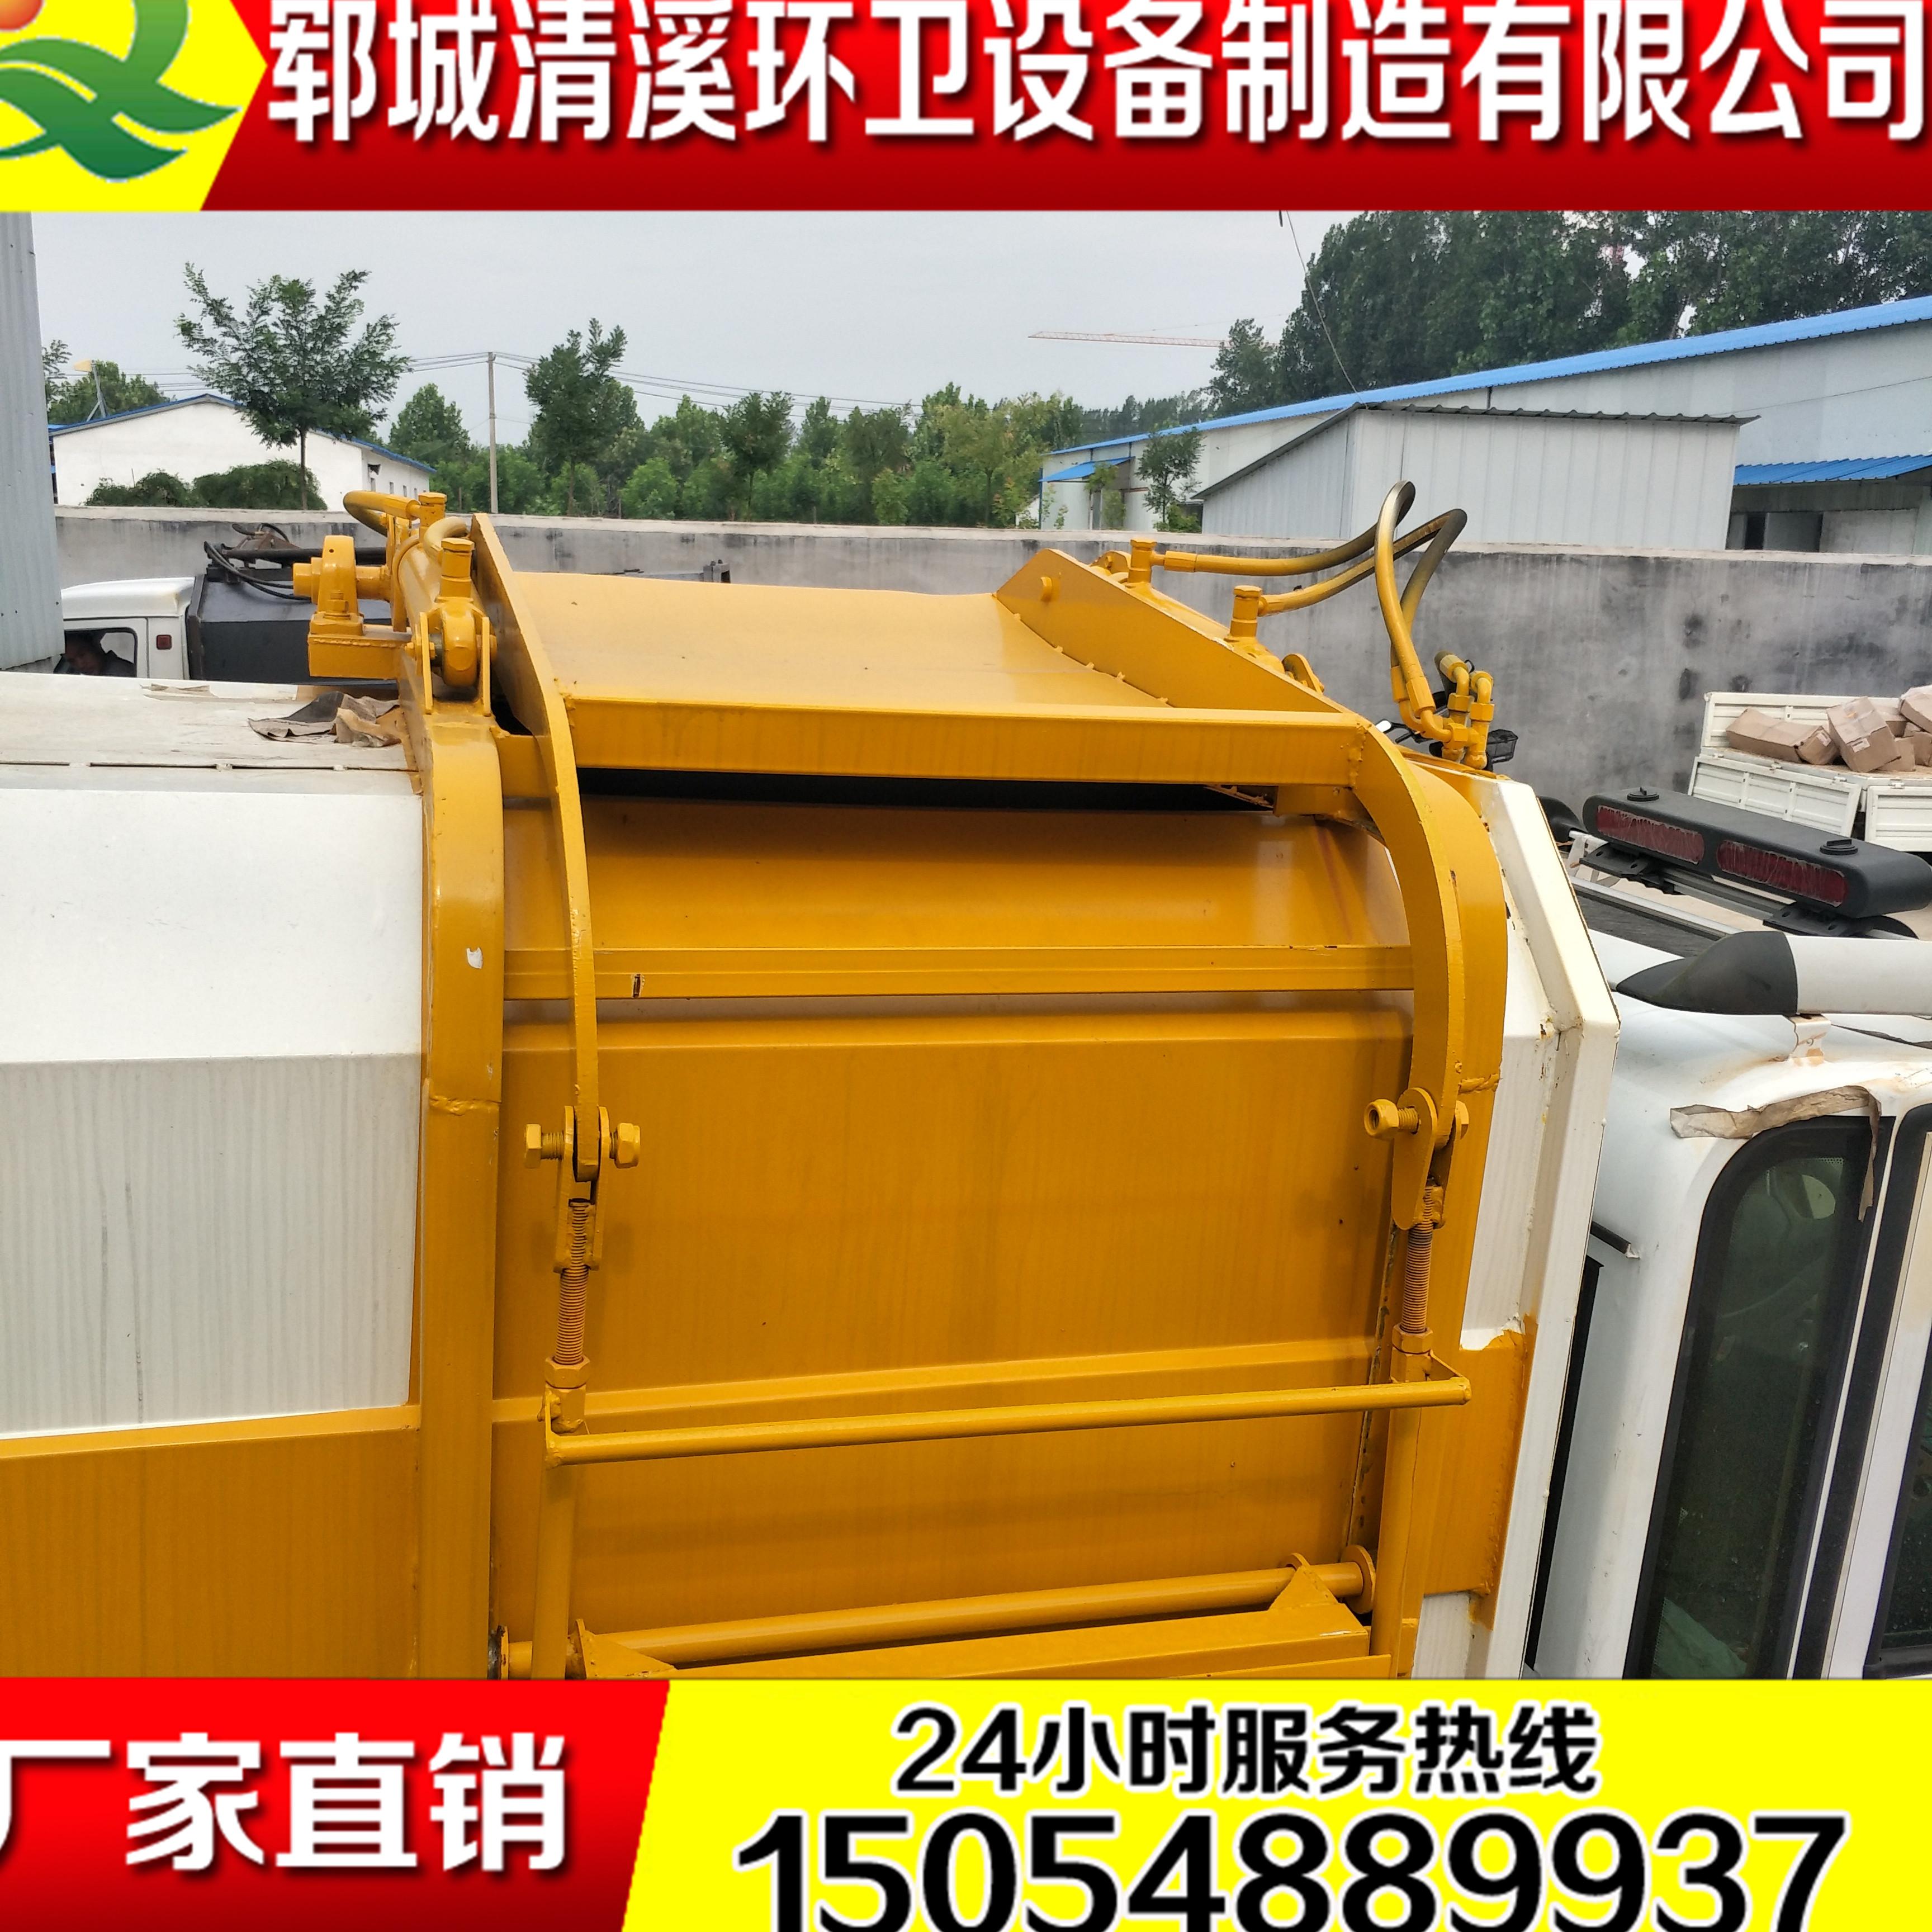 新能源挂桶垃圾车自装自卸环卫车电动四轮3立方城市小区专用